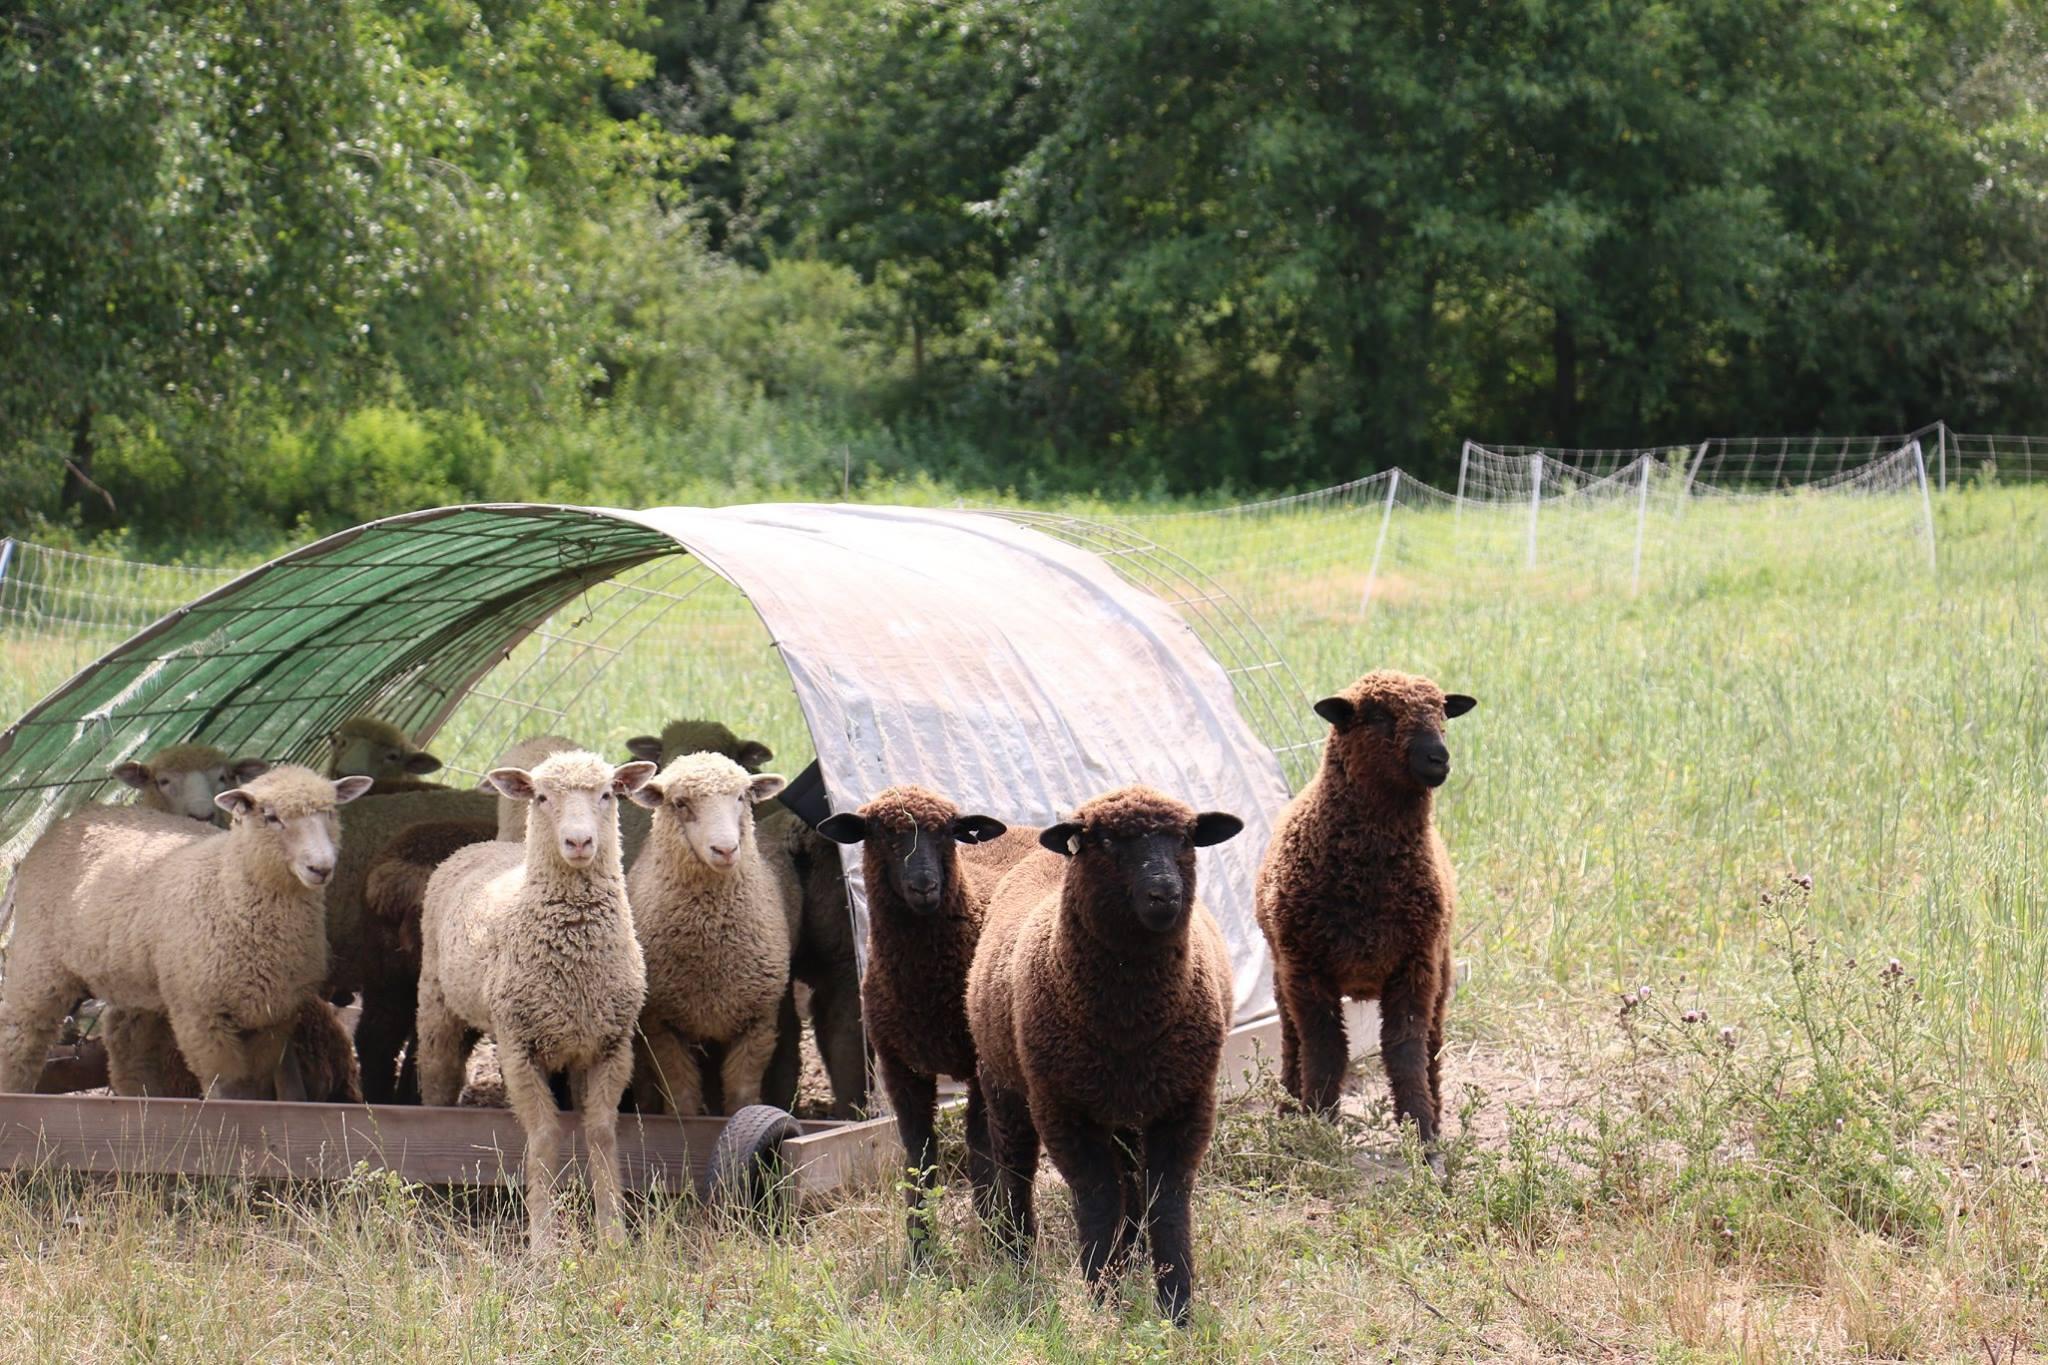 sheep on farm july 2018.jpg